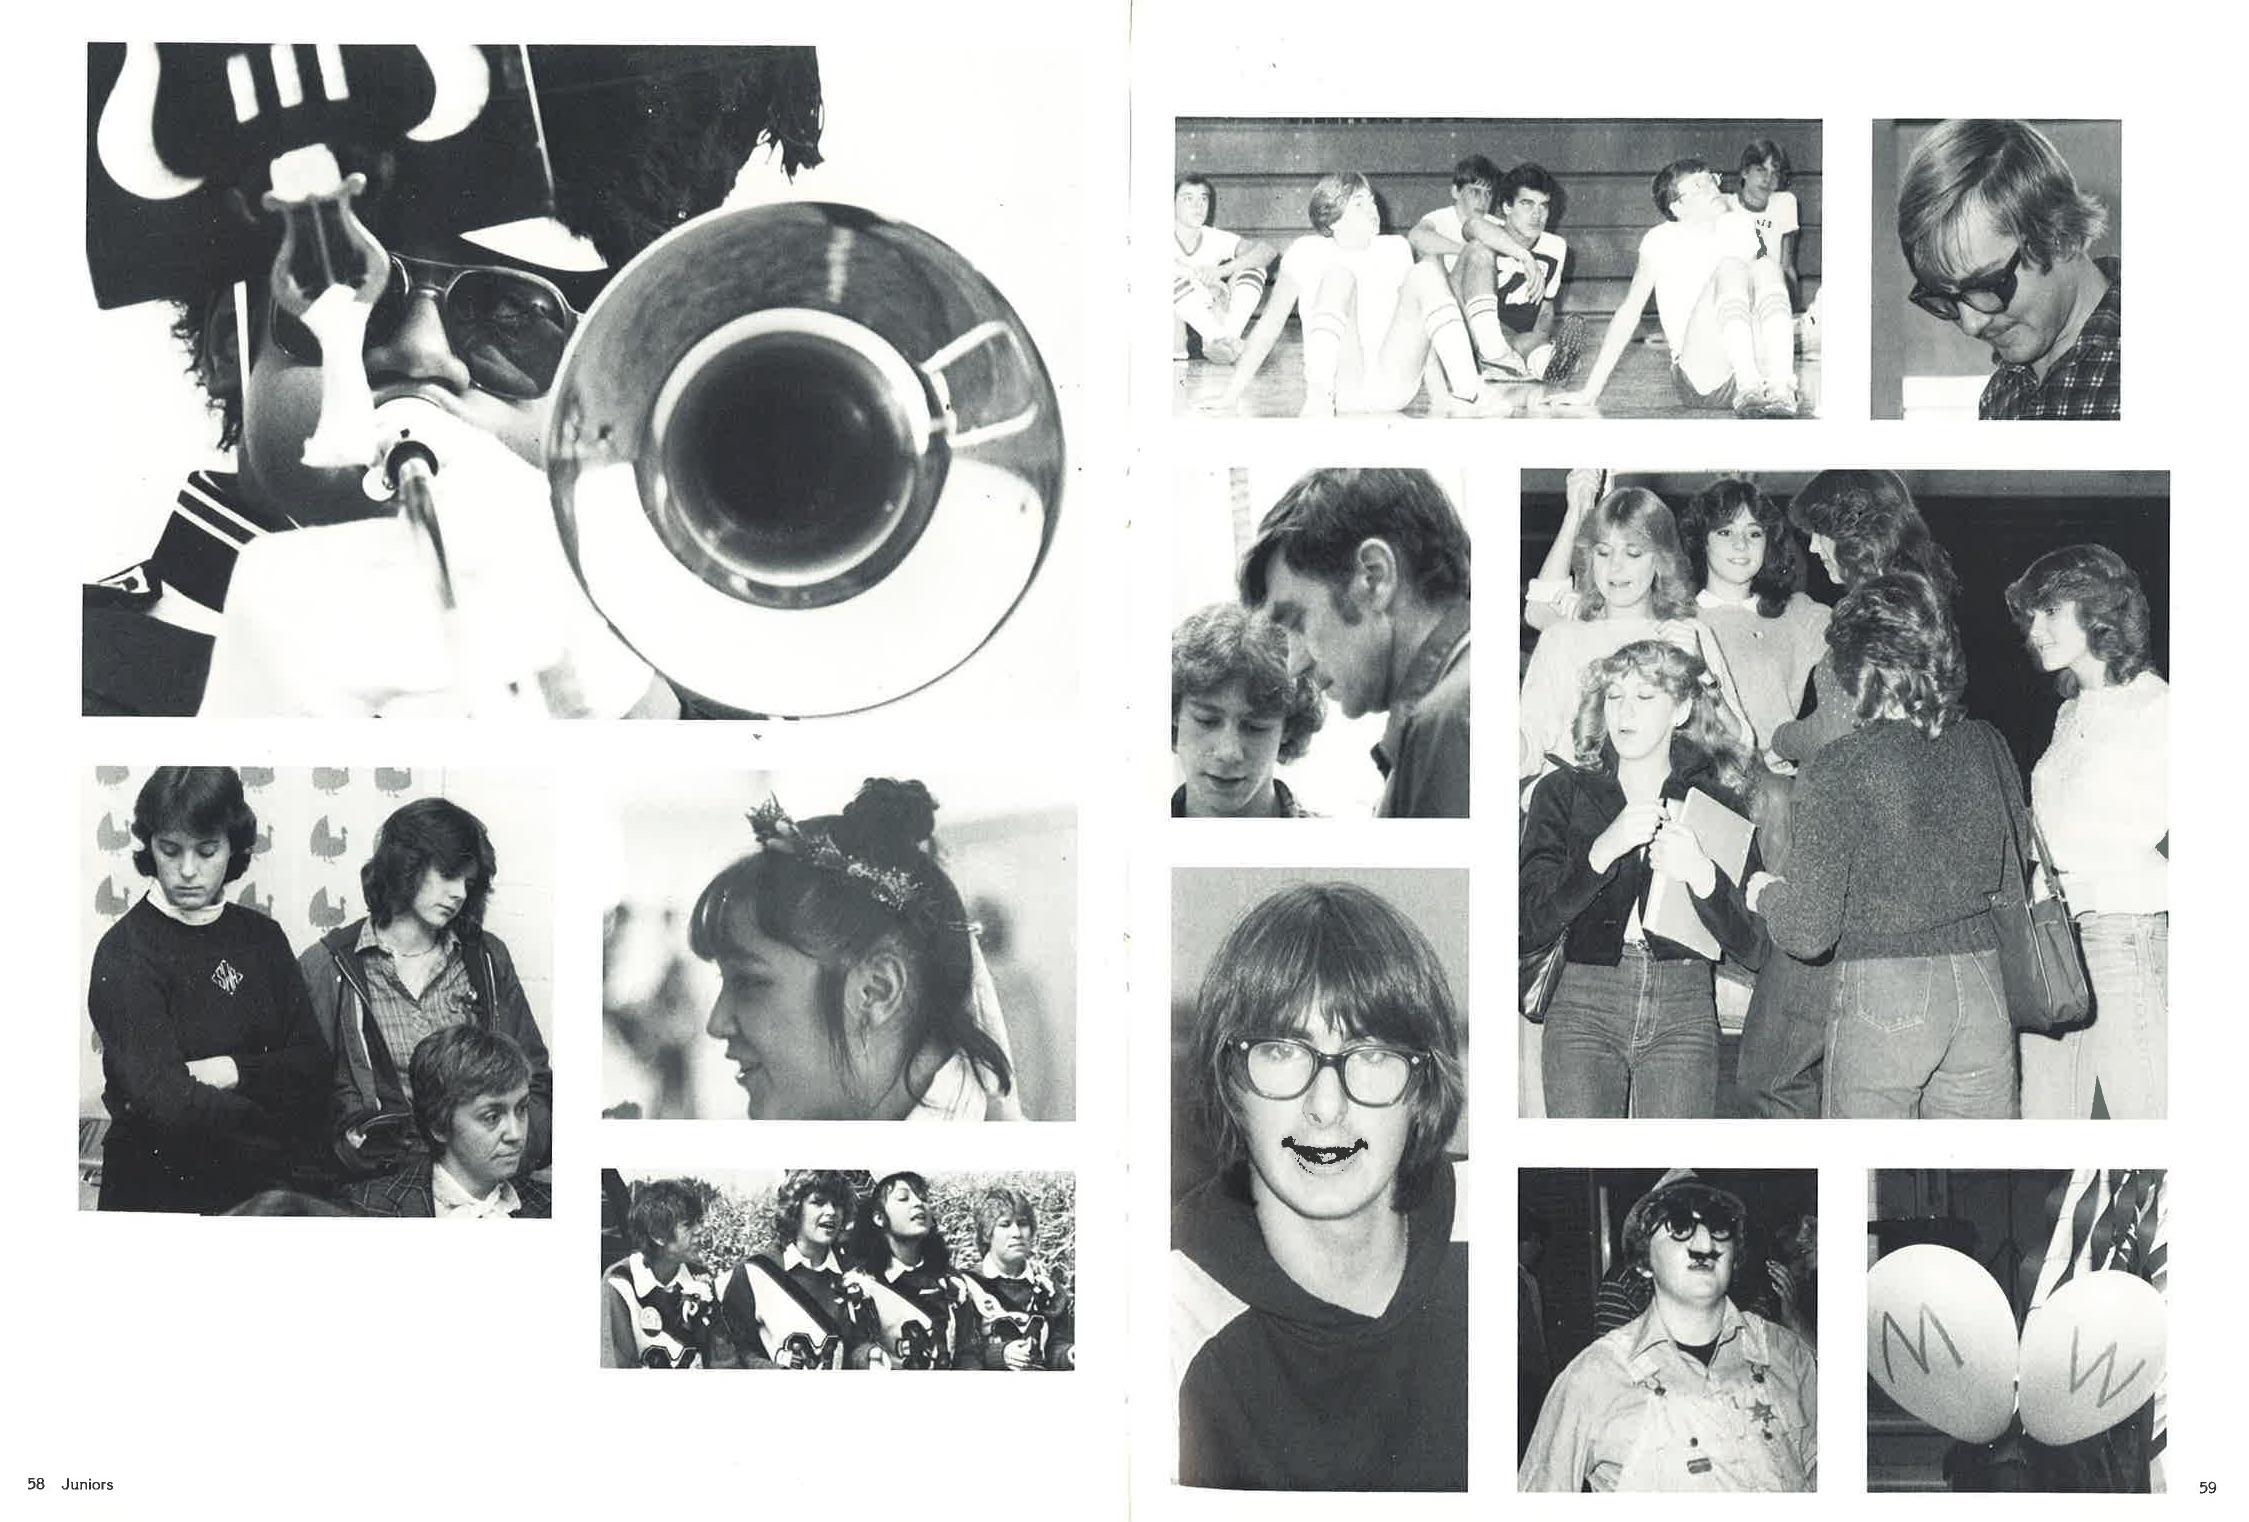 1983_Yearbook_30.jpg